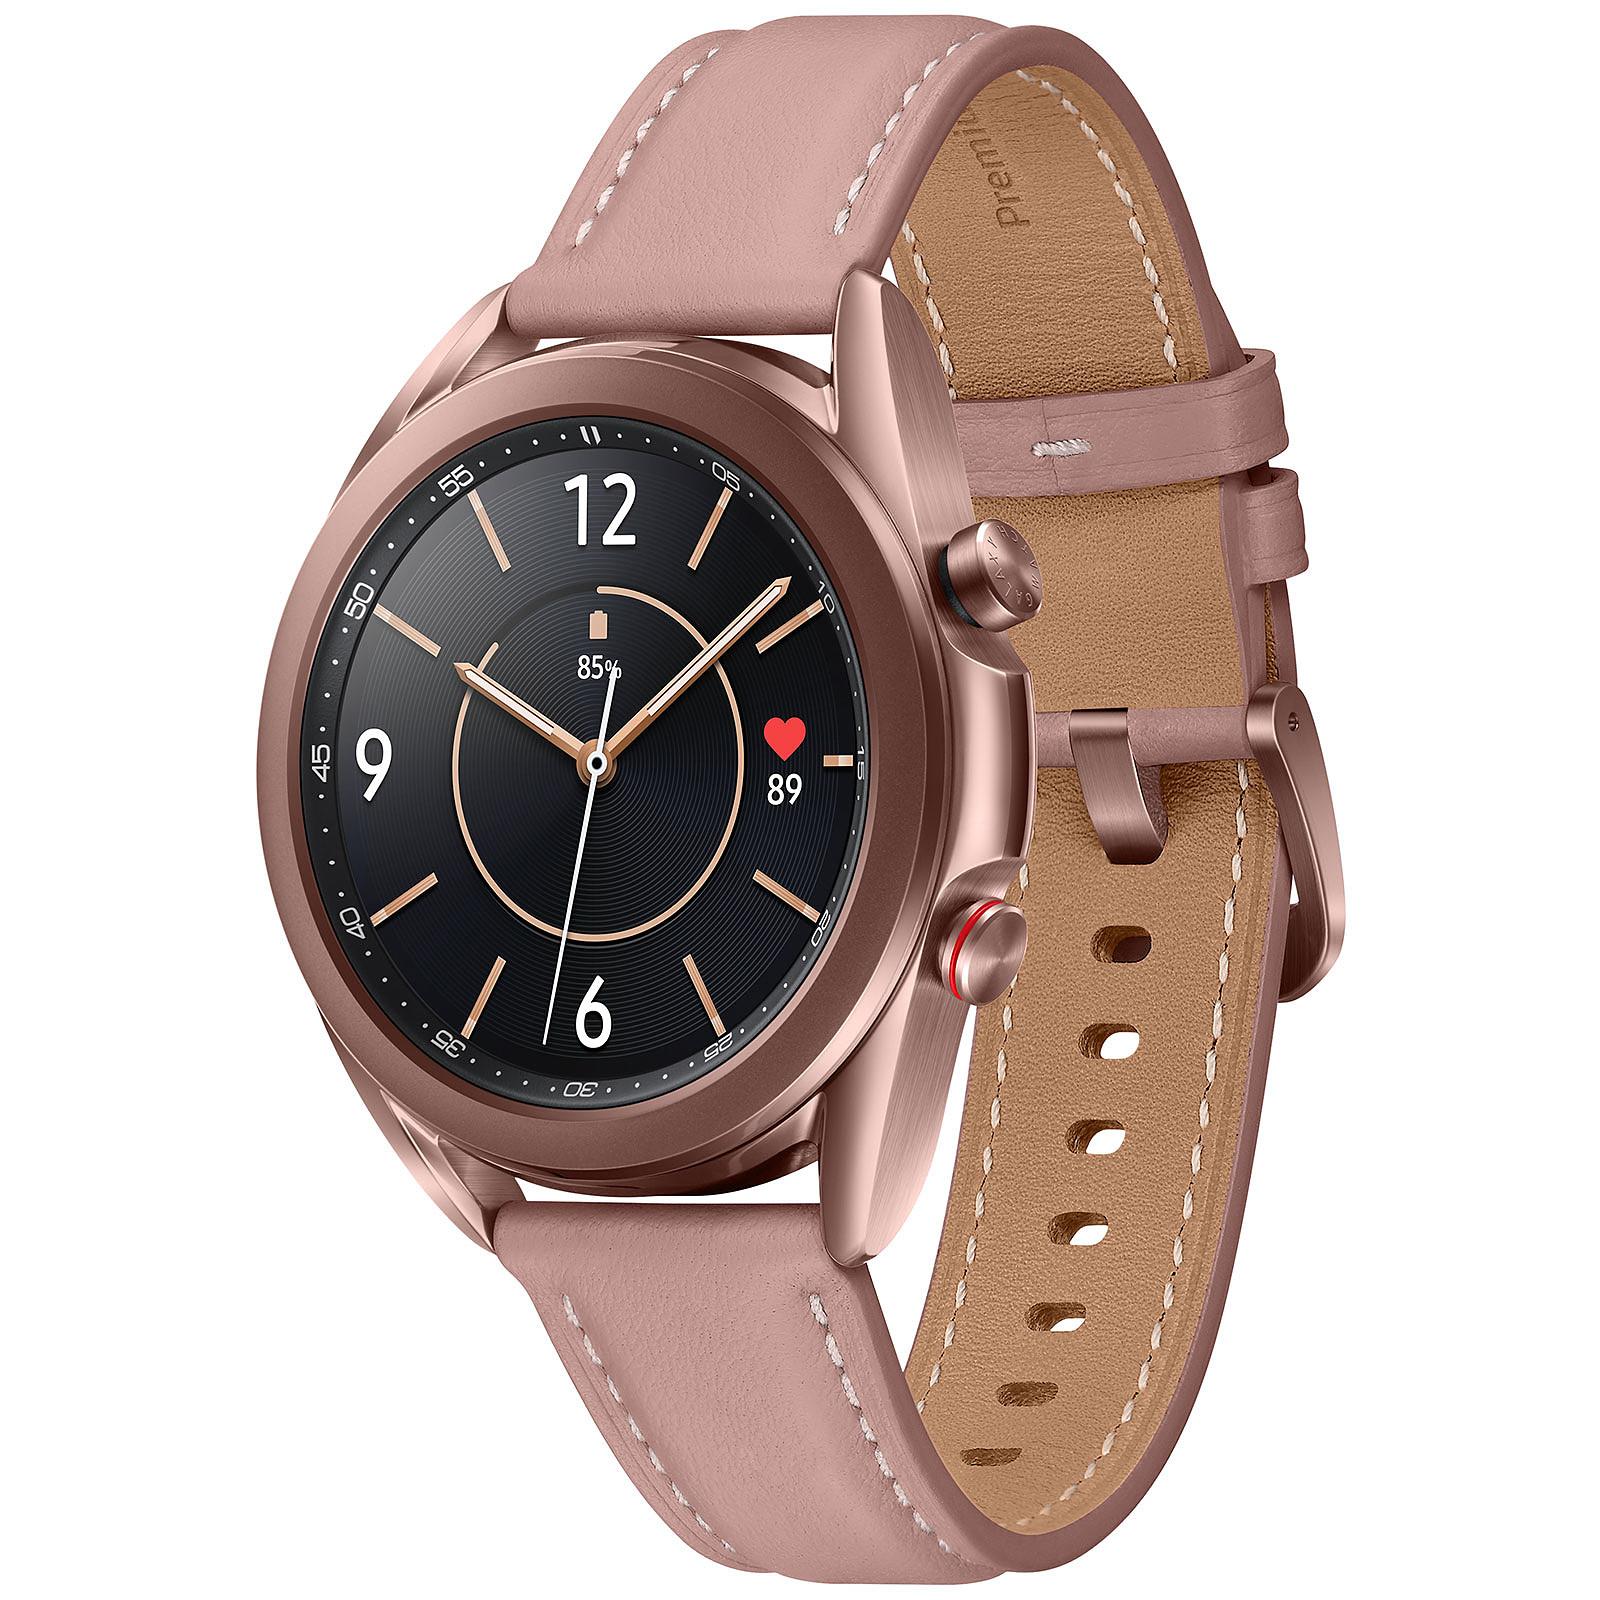 Samsung Galaxy Watch 3 4G (41 mm / Bronze)